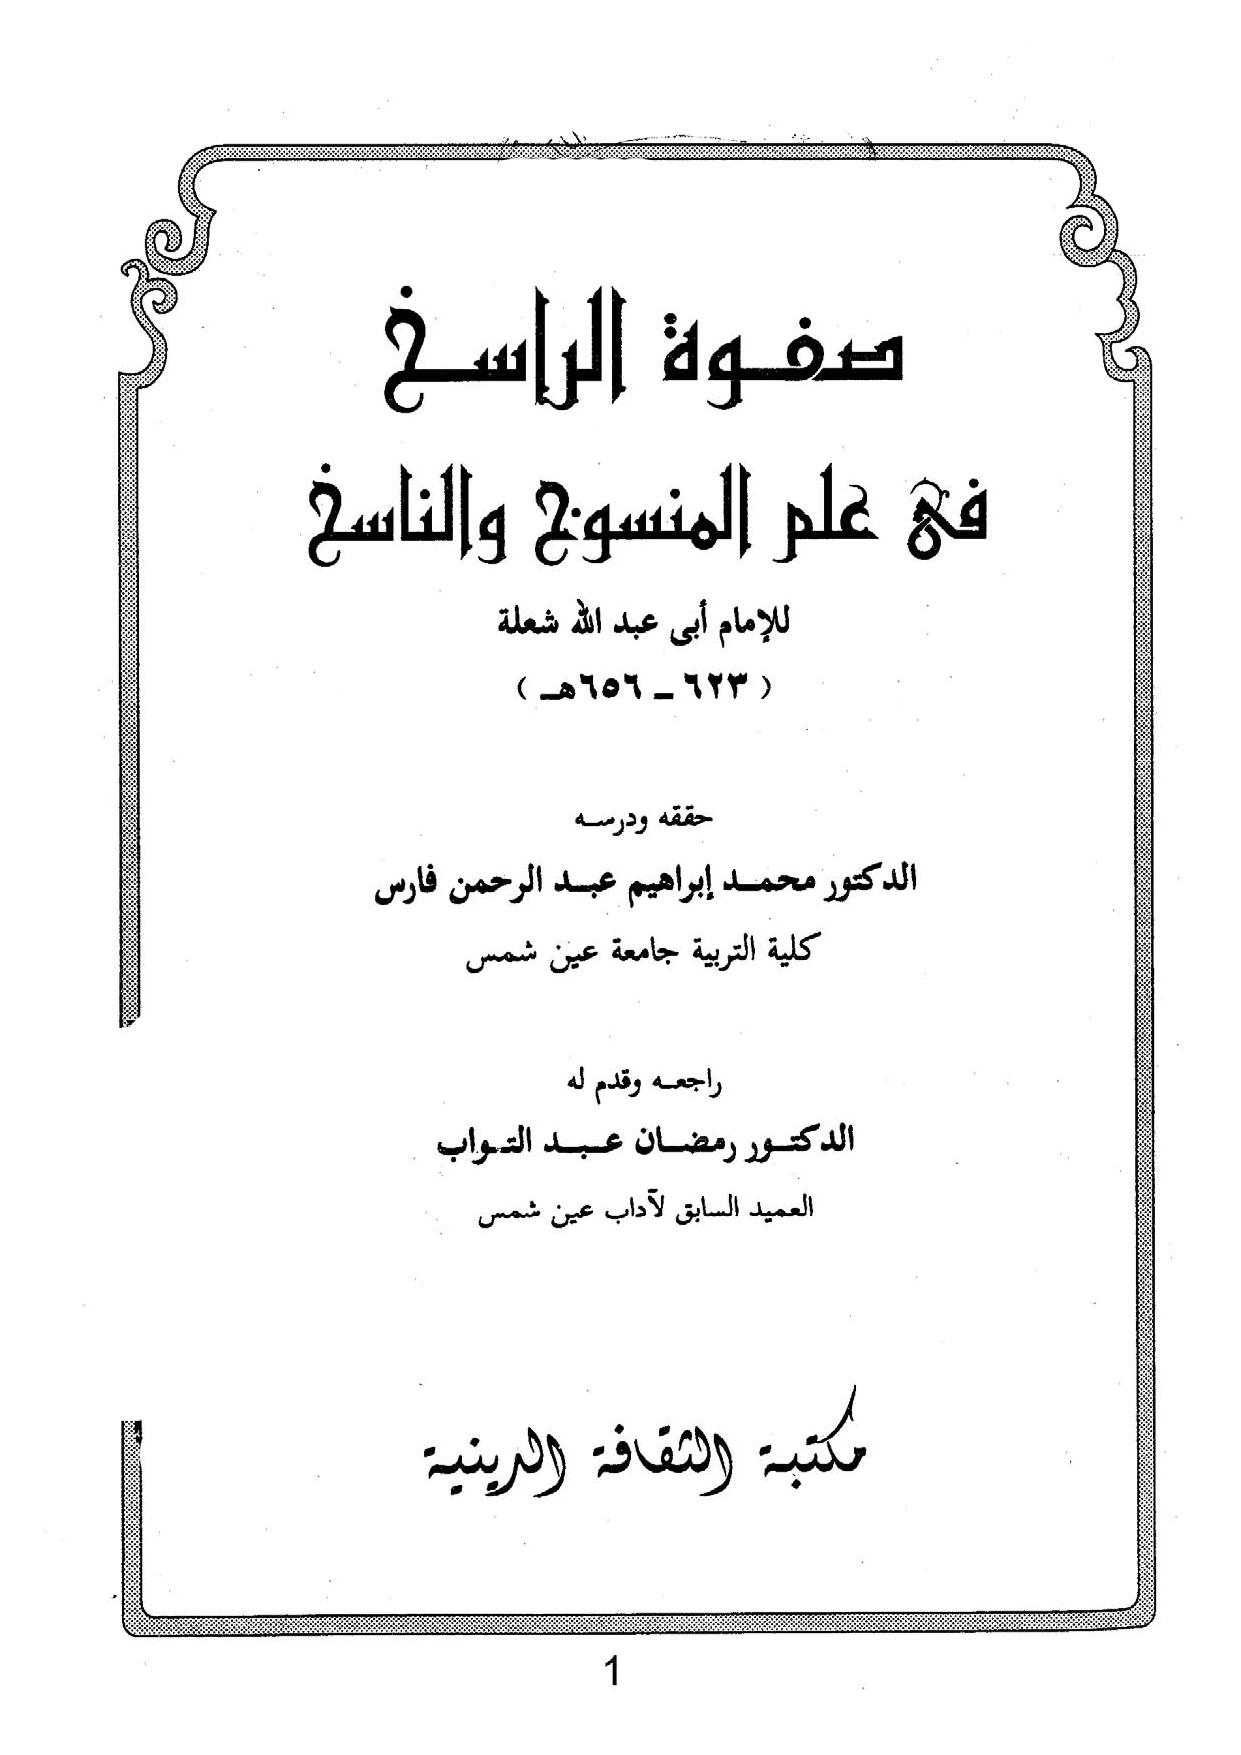 تحميل كتاب صفوة الراسخ في علم المنسوخ والناسخ لـِ: الإمام أبو عبد الله محمد بن أحمد بن محمد بن أحمد بن حسين، الموصلي الحنبلي المقرئ شعلة (ت 656)